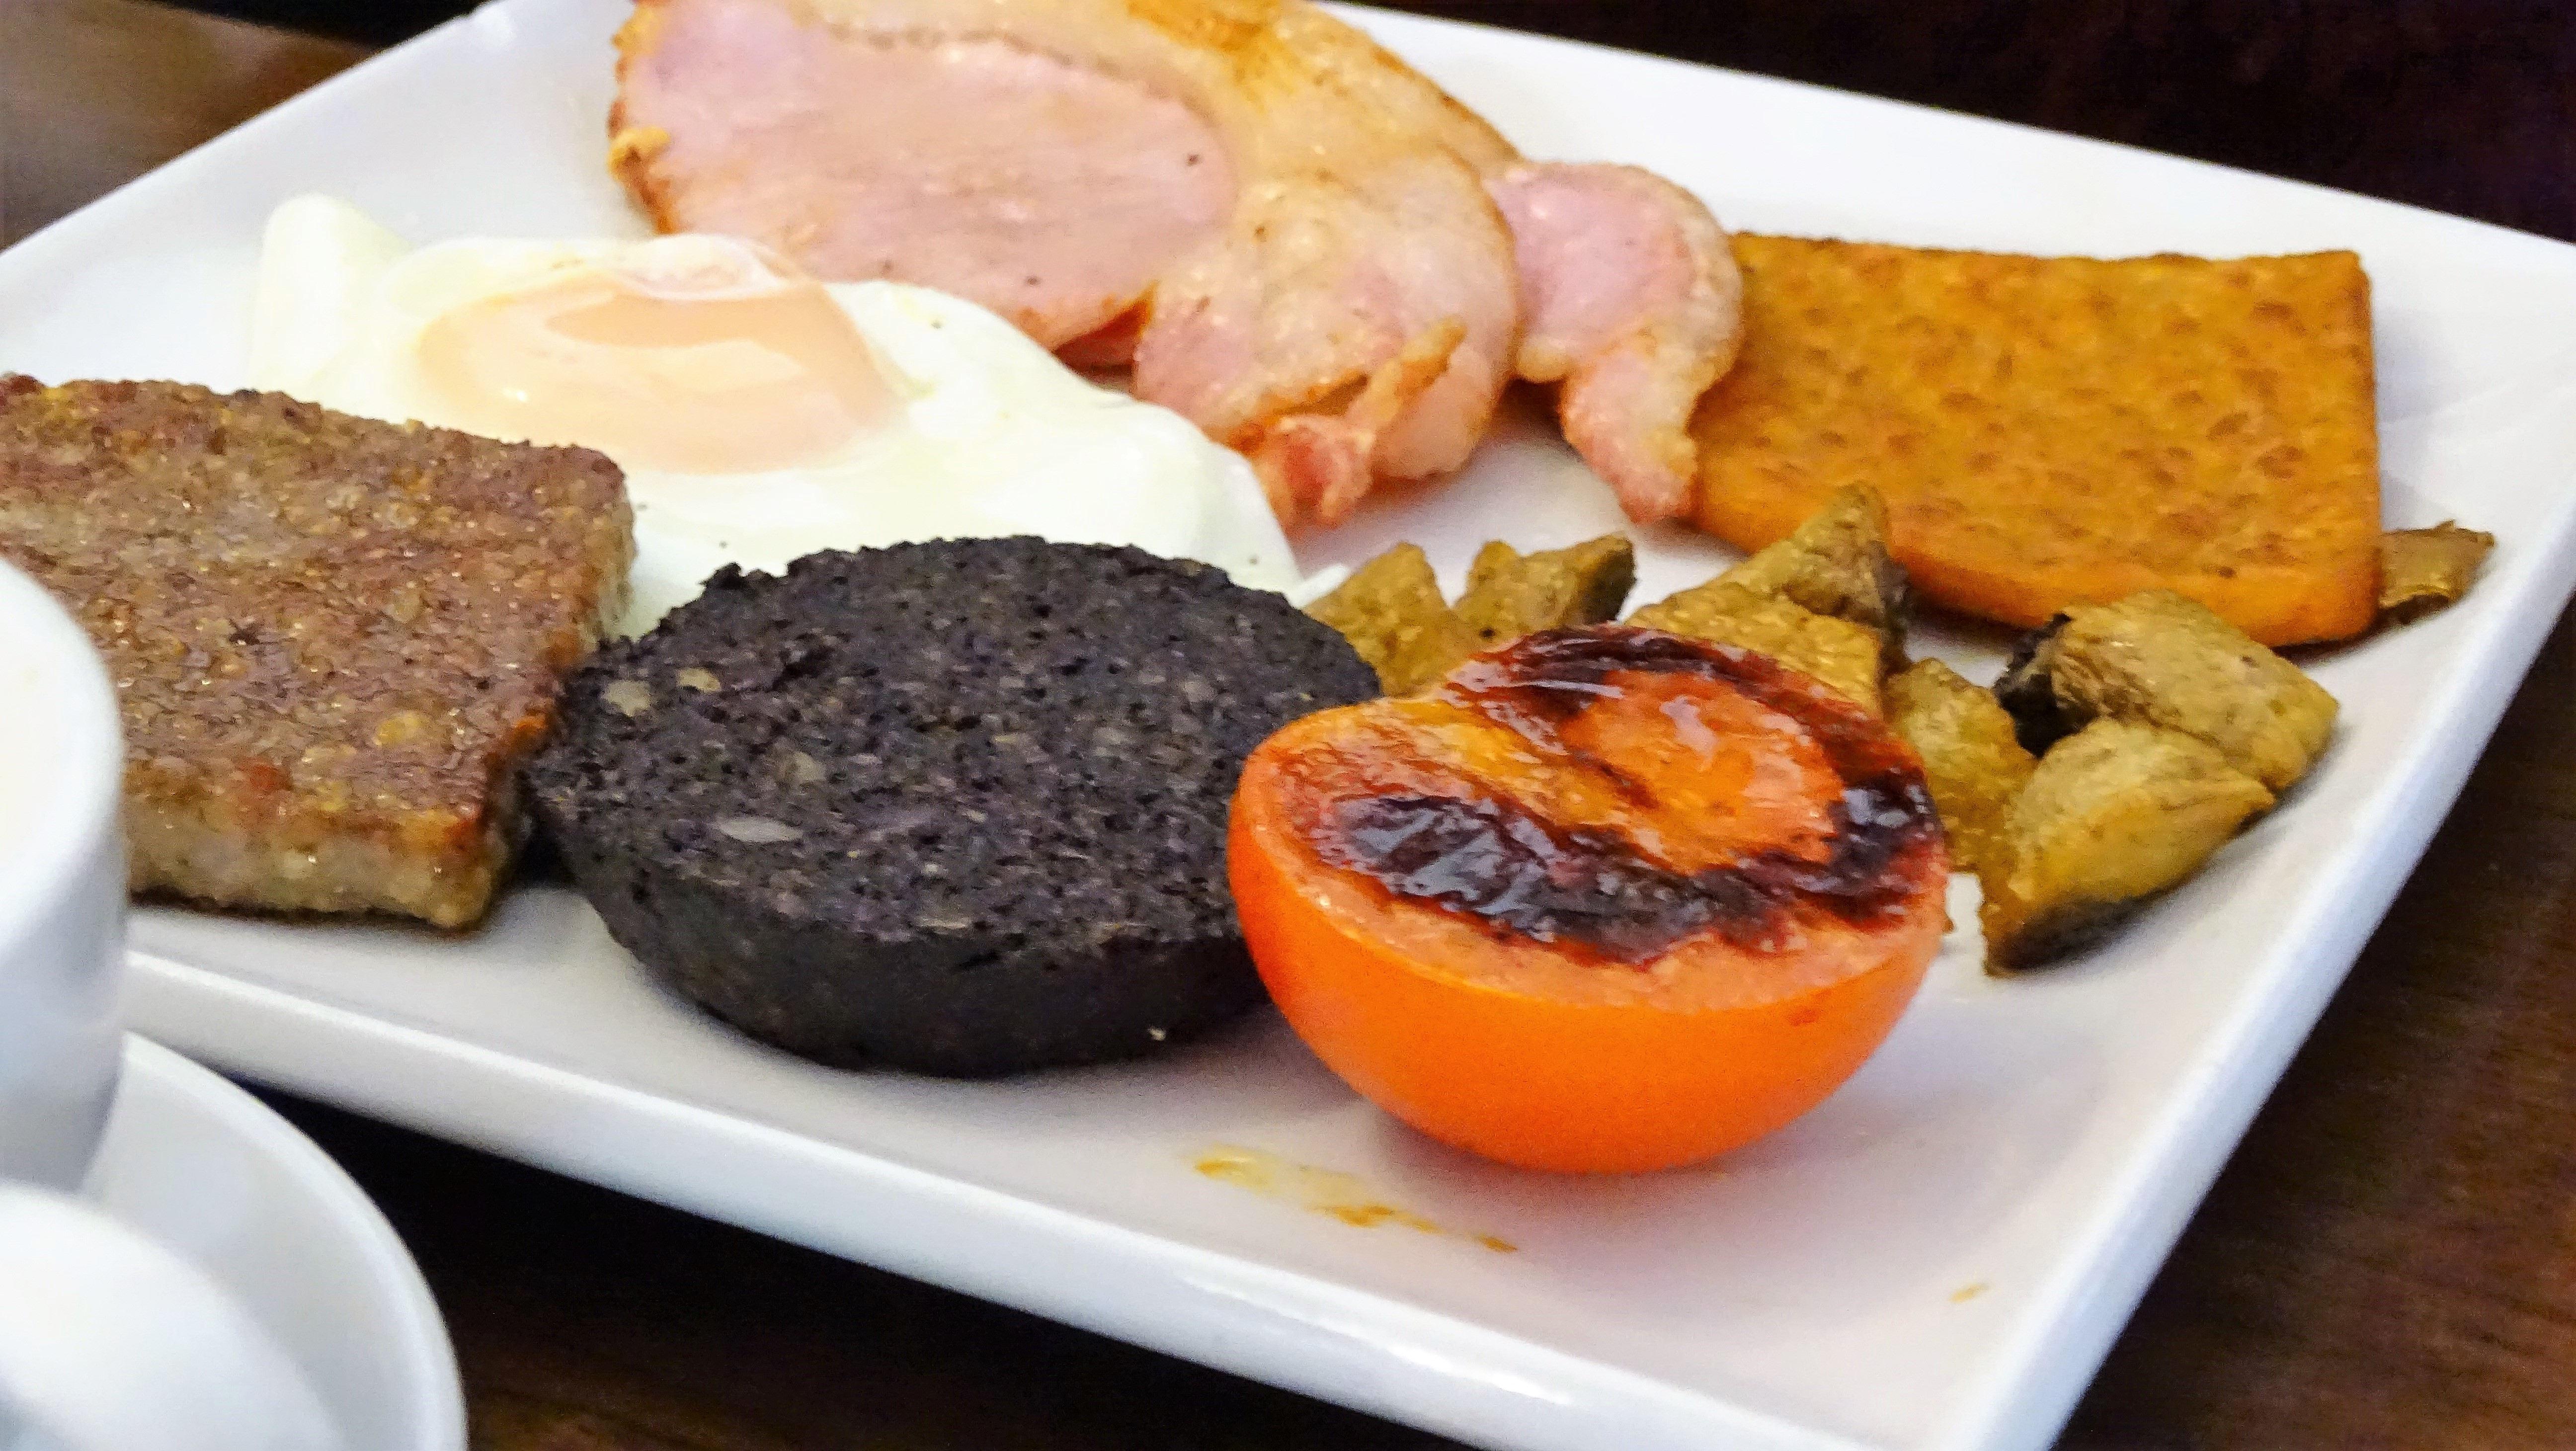 Még egy skót reggeli, mert imádtuk. Volt egy kis előítéletünk a véres és belsőséges hurka-szerű cuccokkal (black pudding és haggis), de végül nagyon belejöttünk a skót életérzésbe. Azért a bacon is mindig elfogyott...